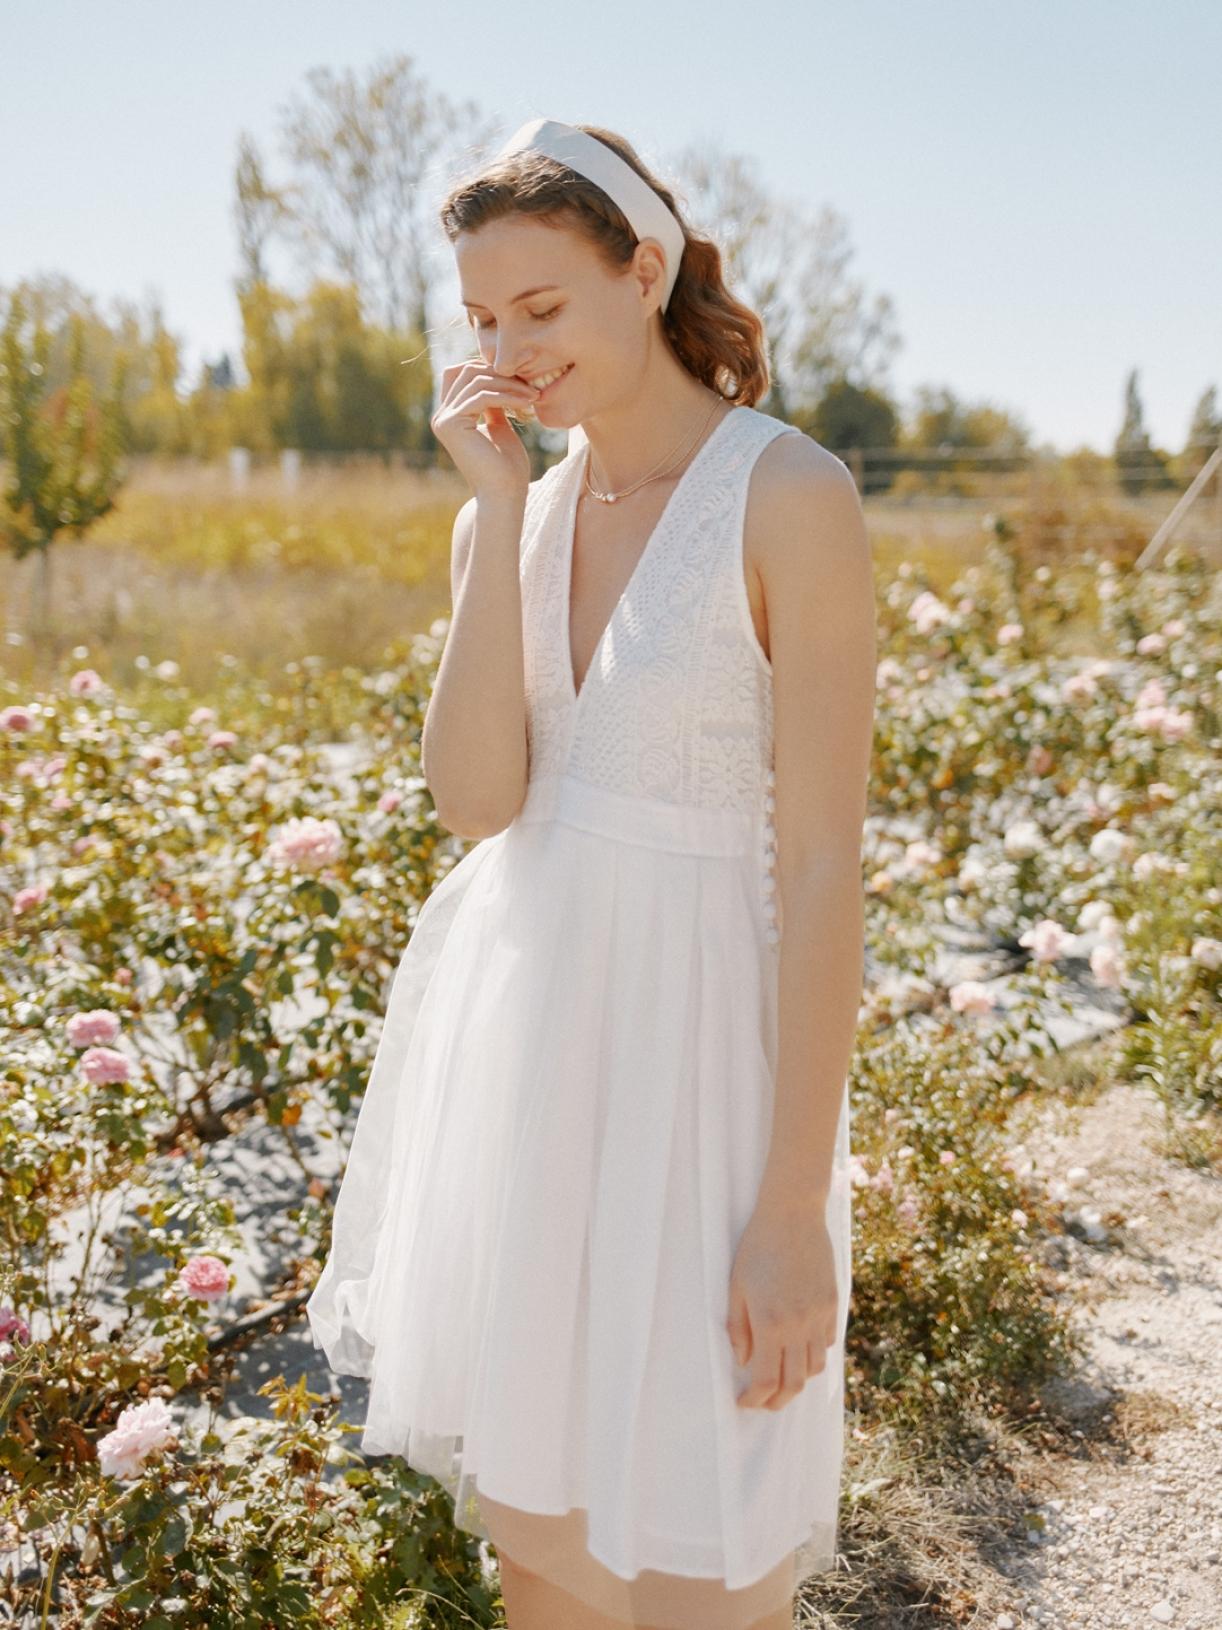 CLEA - Robe de mariée courte tutu ballerine - Robe de mariée créateur et sur-mesure pas cher a Paris - Myphilosophy